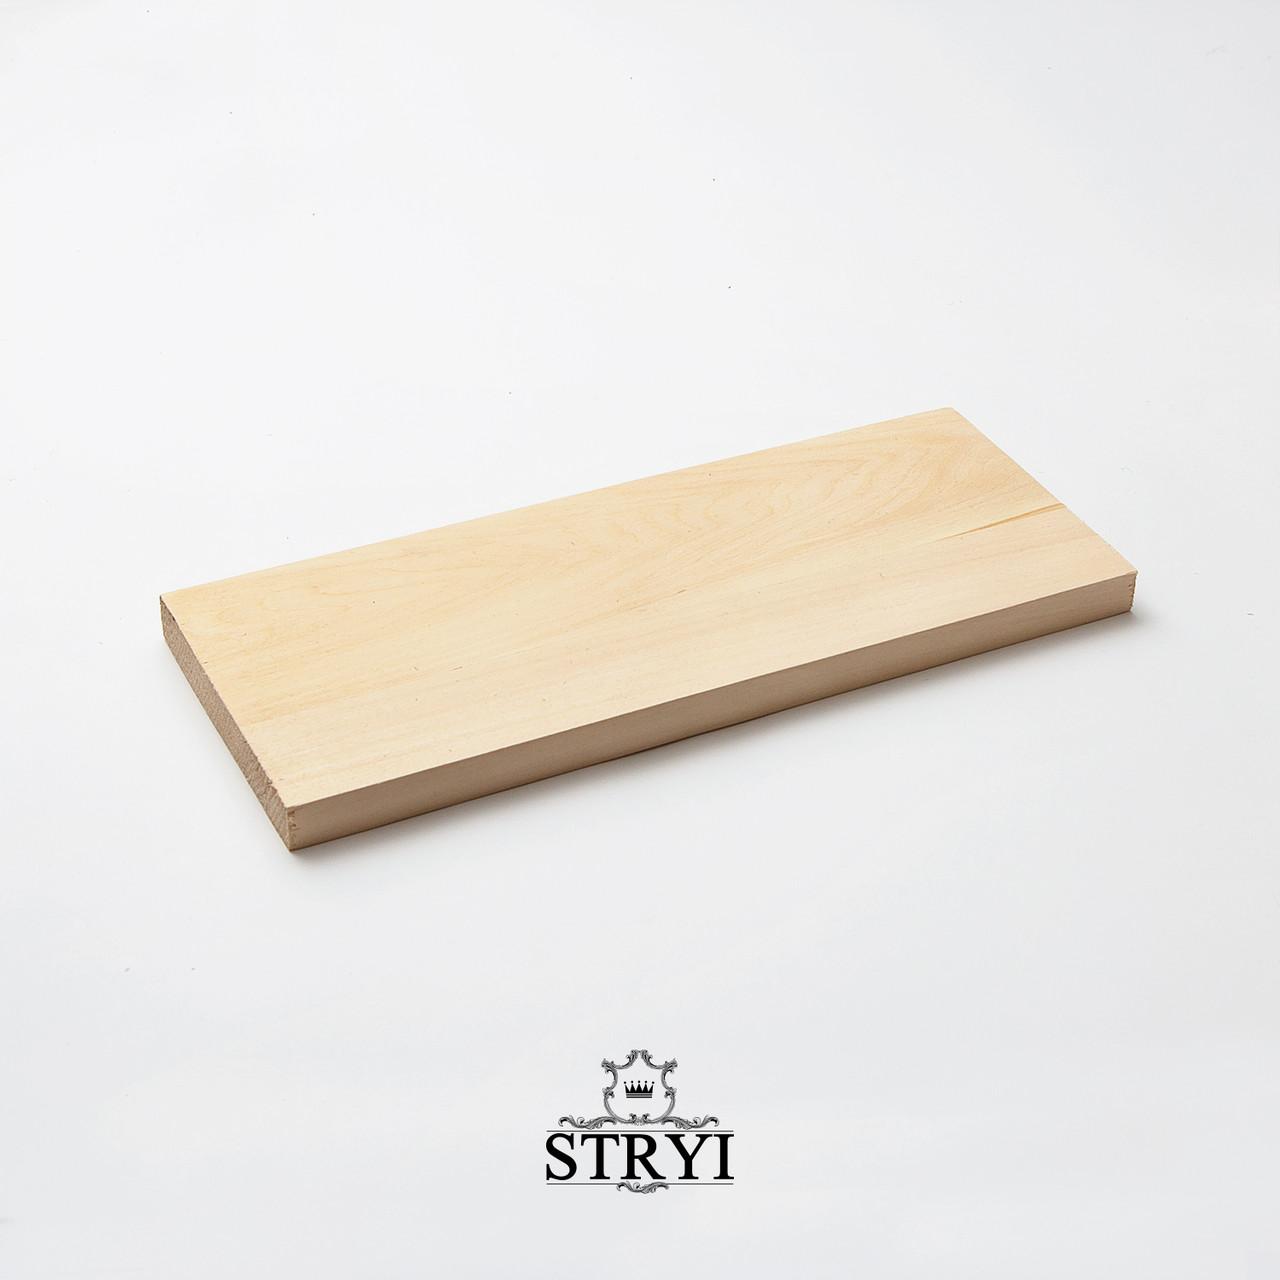 Дощечка (заготовка) липовая 300*120*15мм, STRYI, для резьбы